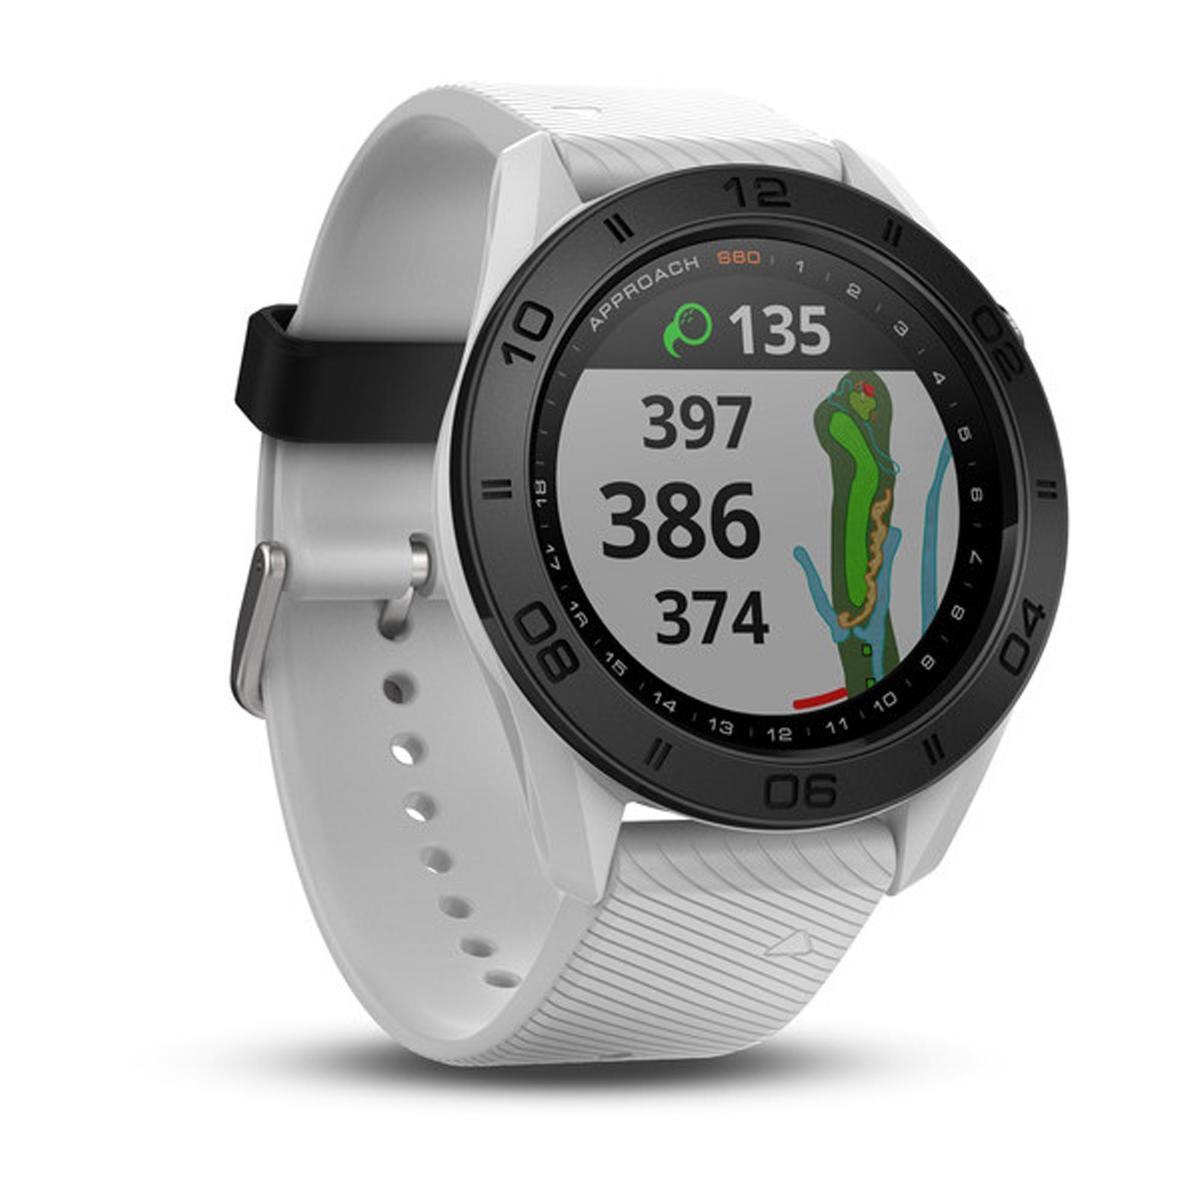 Bild 1 von Golf GPS-Uhr Approach S60 weiß